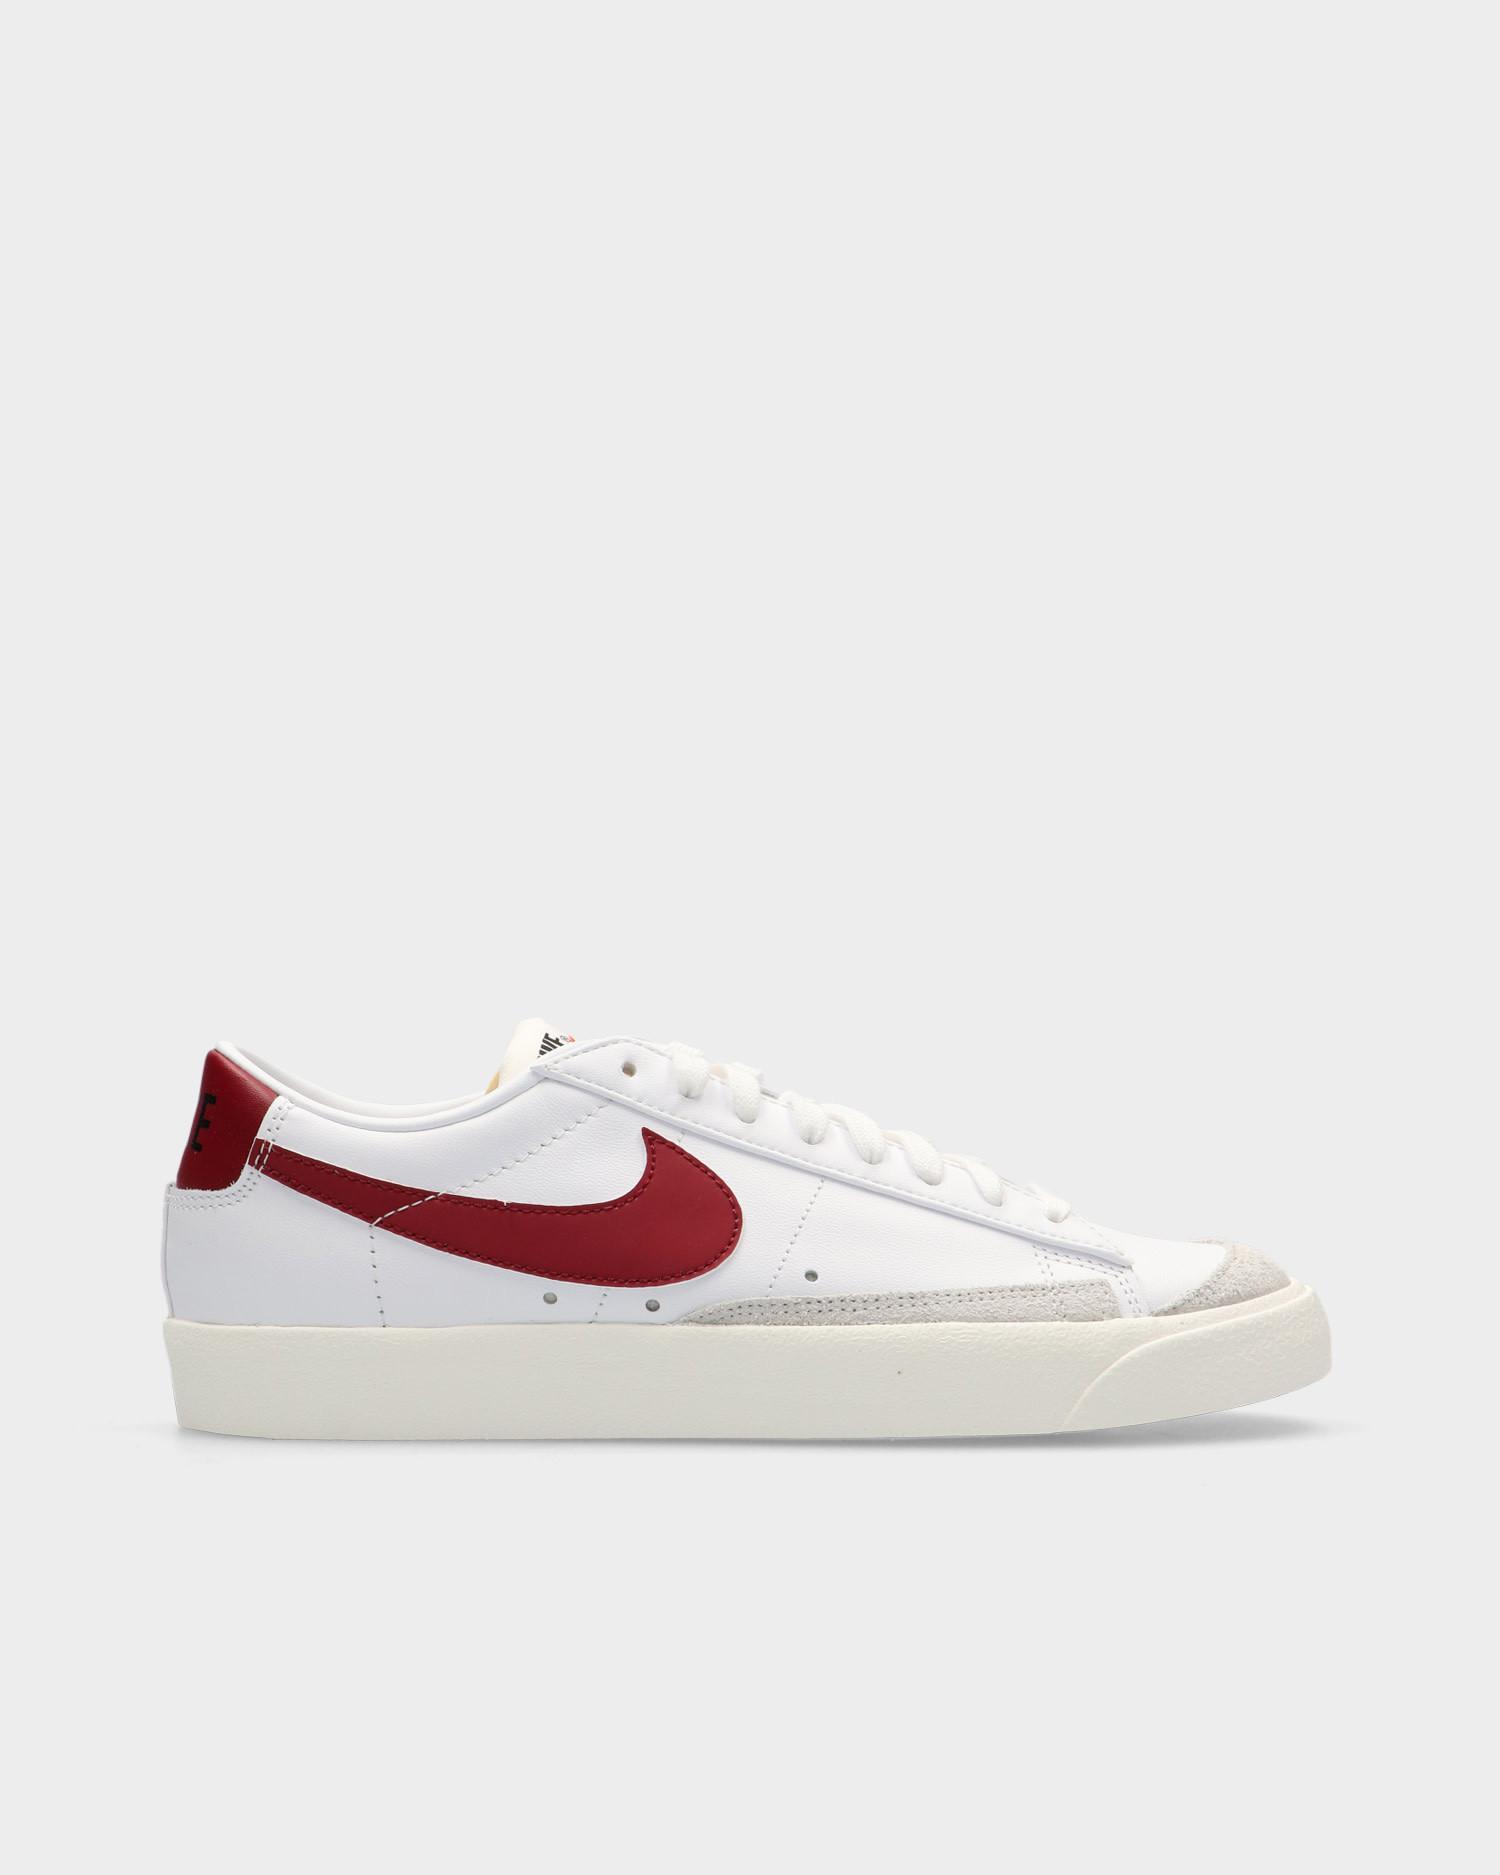 Nike Blazer Low '77 Vintage White/Team Red-White-Sail